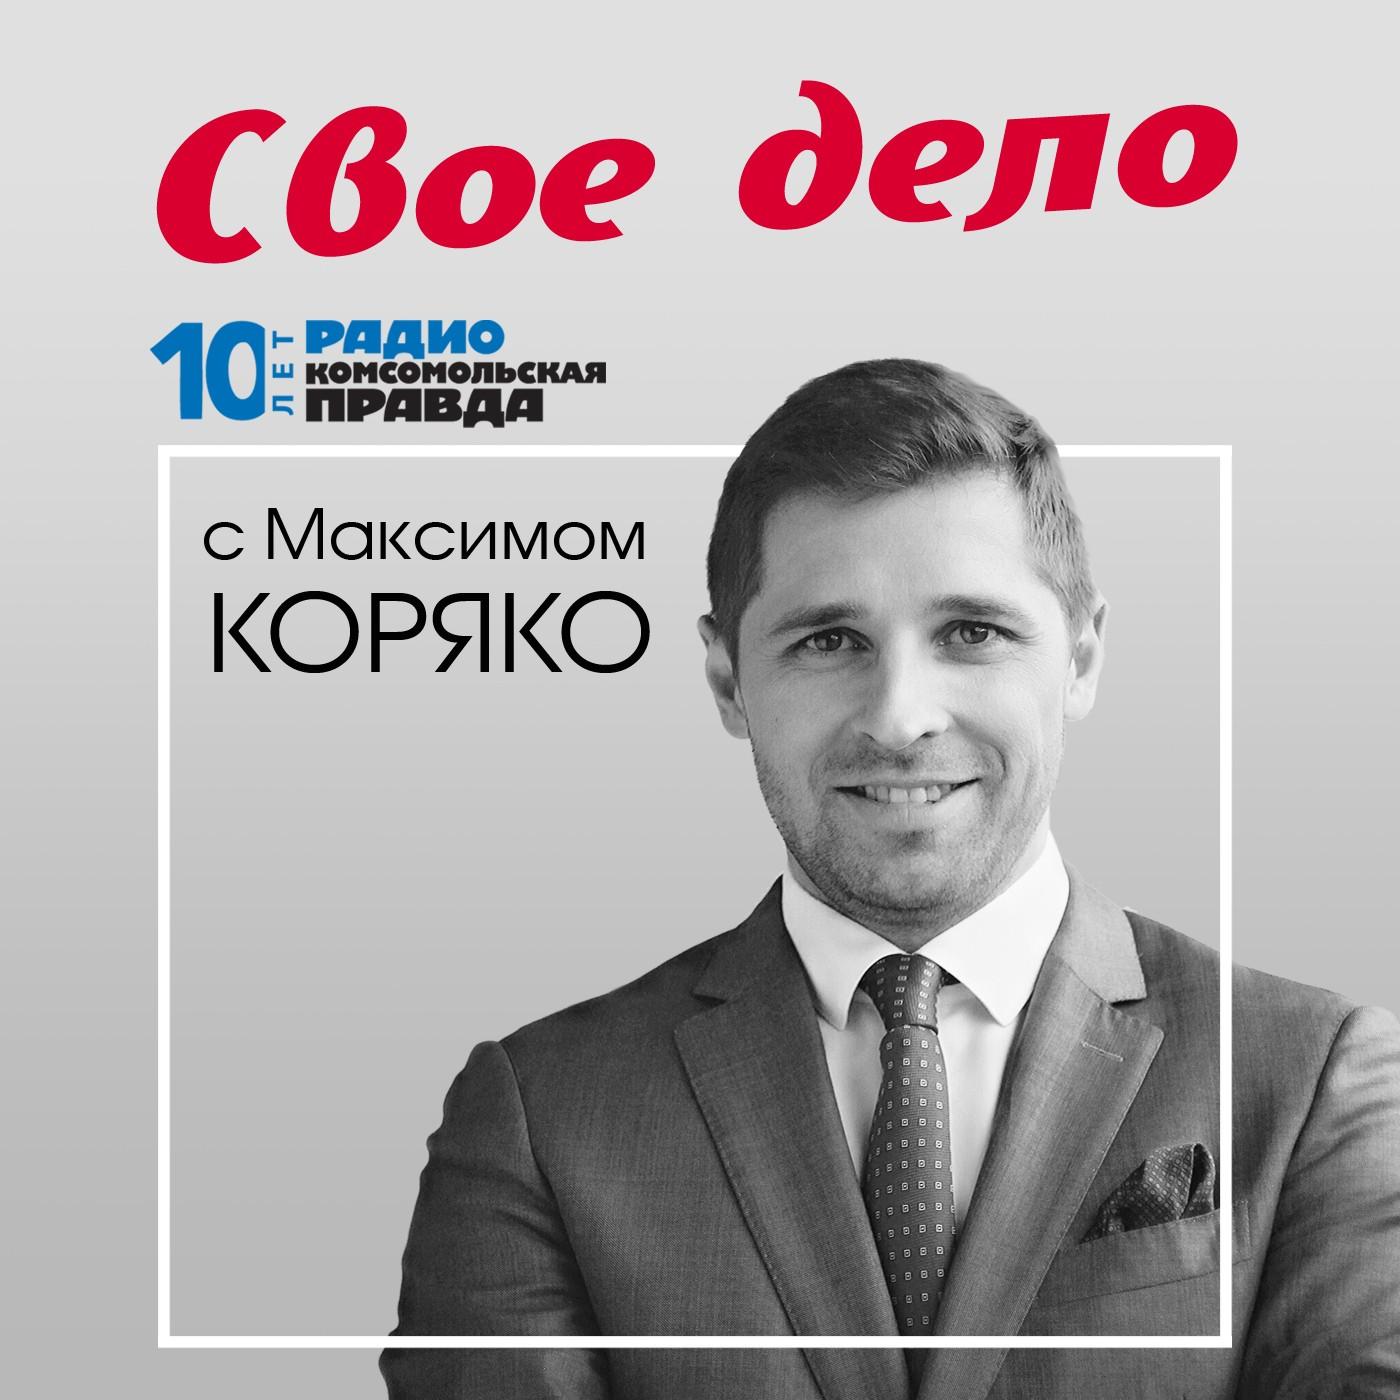 Радио «Комсомольская правда» Налоговые системы в России. А так ли уж много платит бизнес государству? климова а всегда есть шанс роман